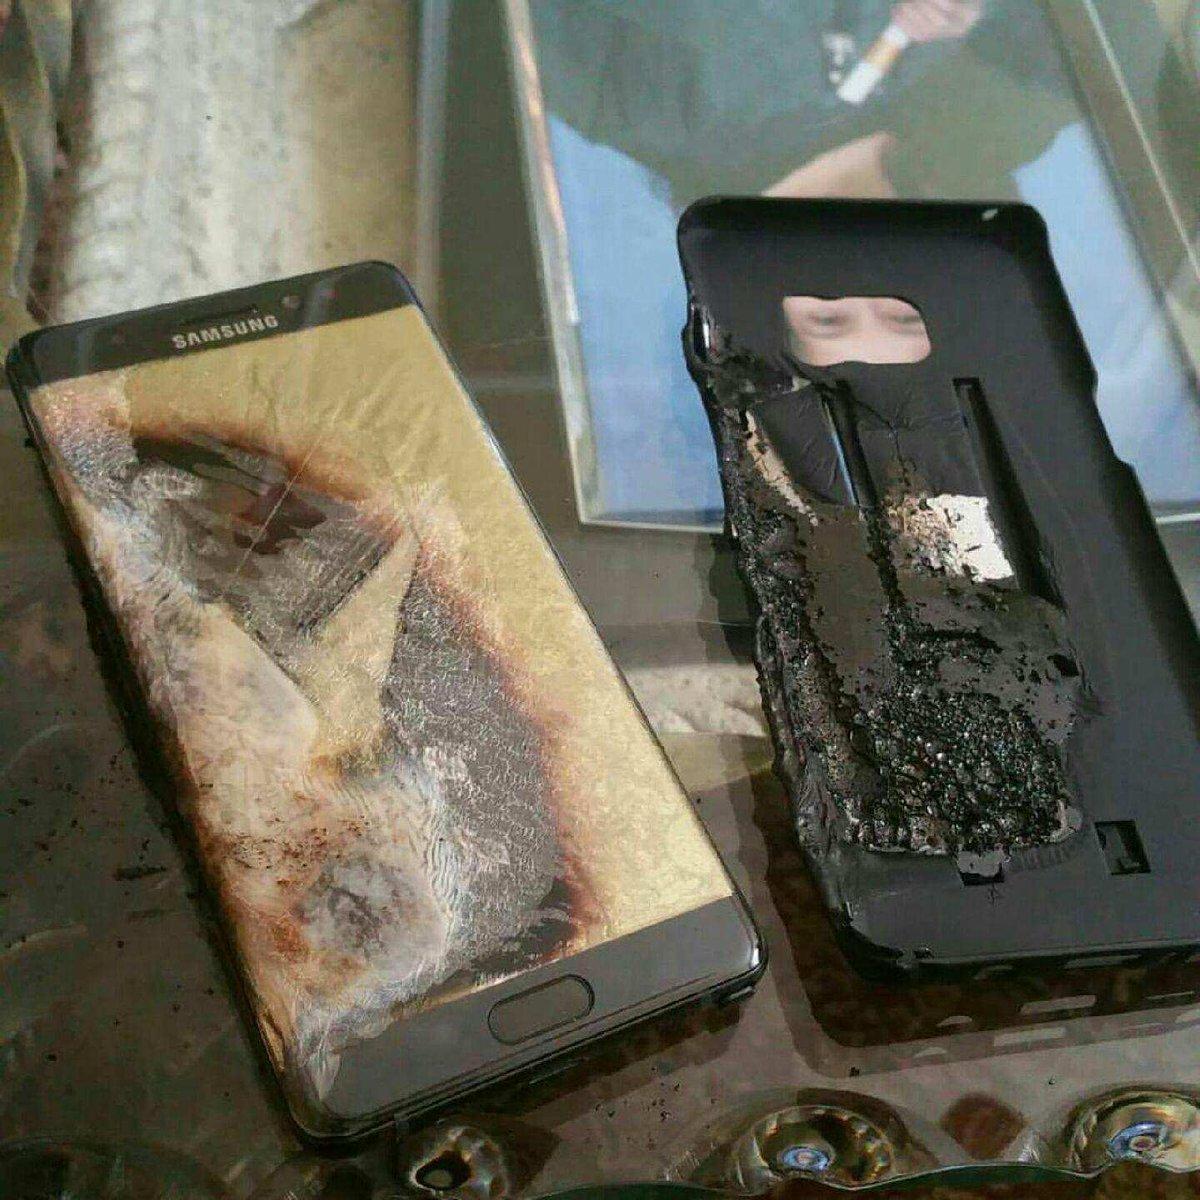 Samsung Galaxy Note 7, çocuğu yaraladı - Dünya Halleri